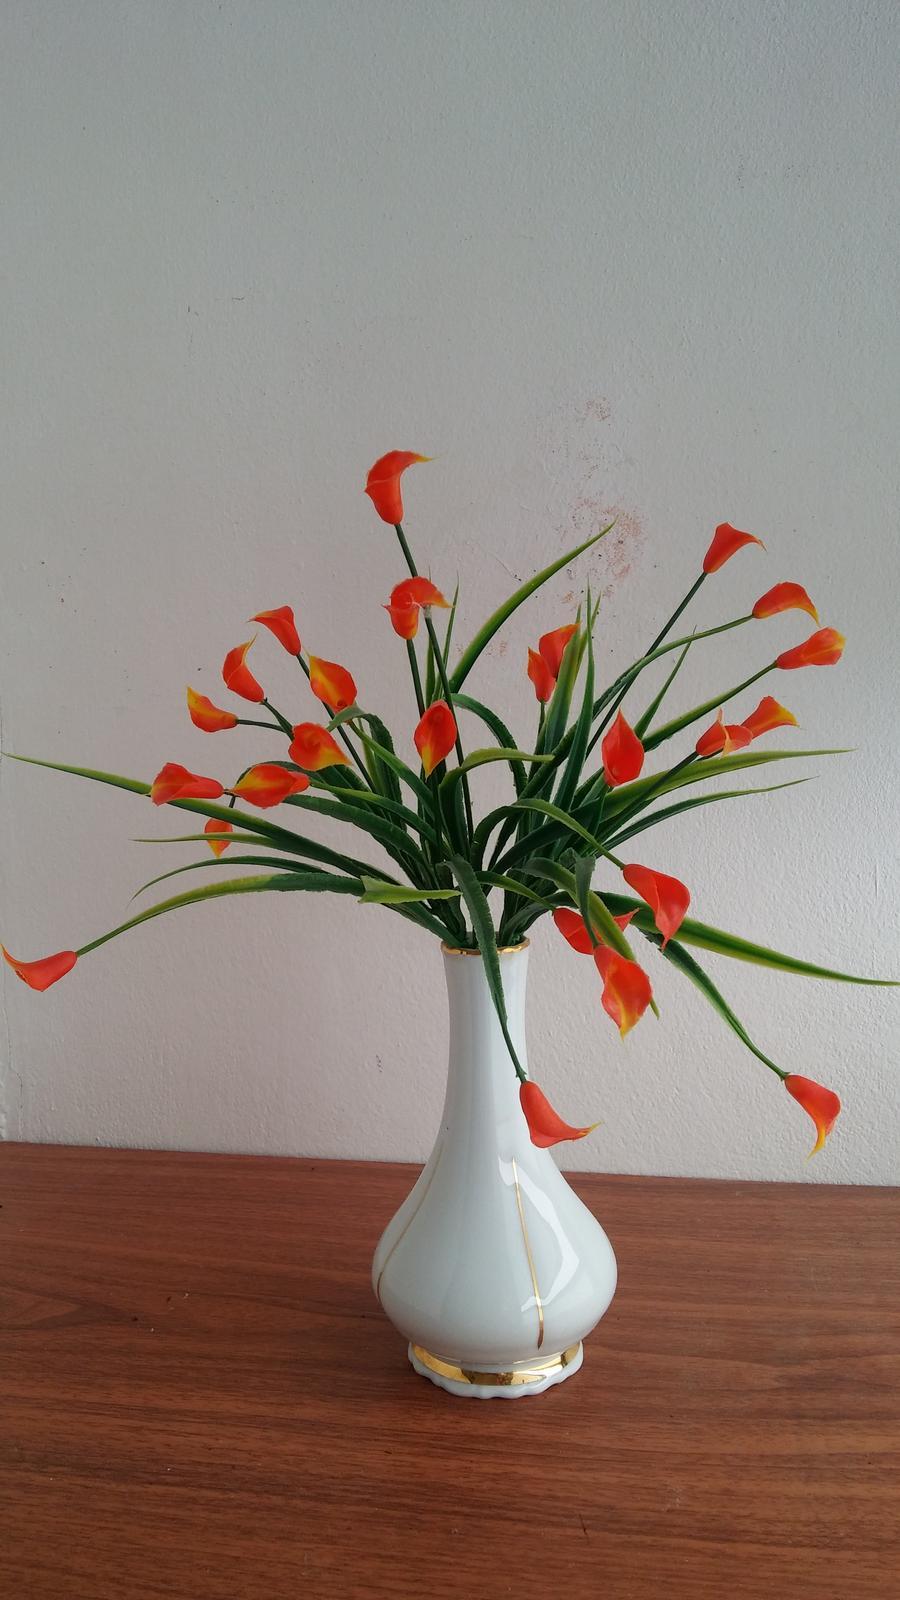 Oranžove kvety - Obrázok č. 1